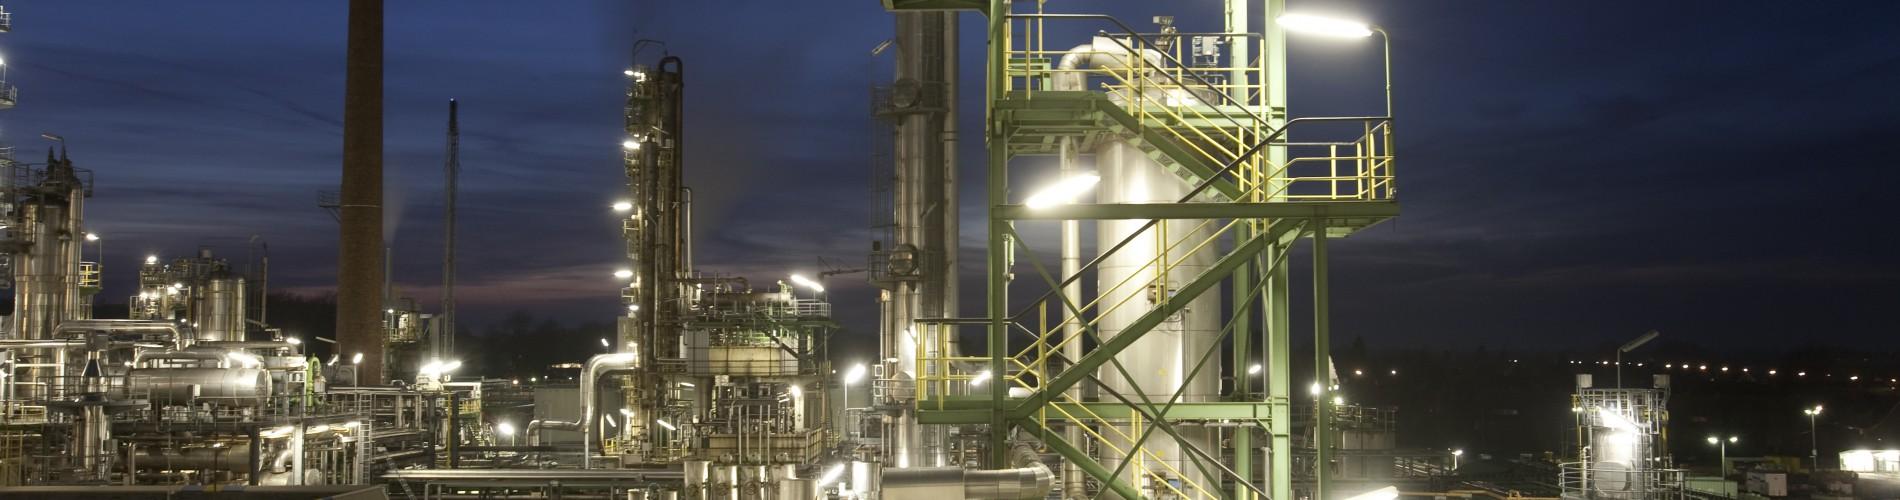 Expert in  Olie, koelvloeistoffen en Vetten